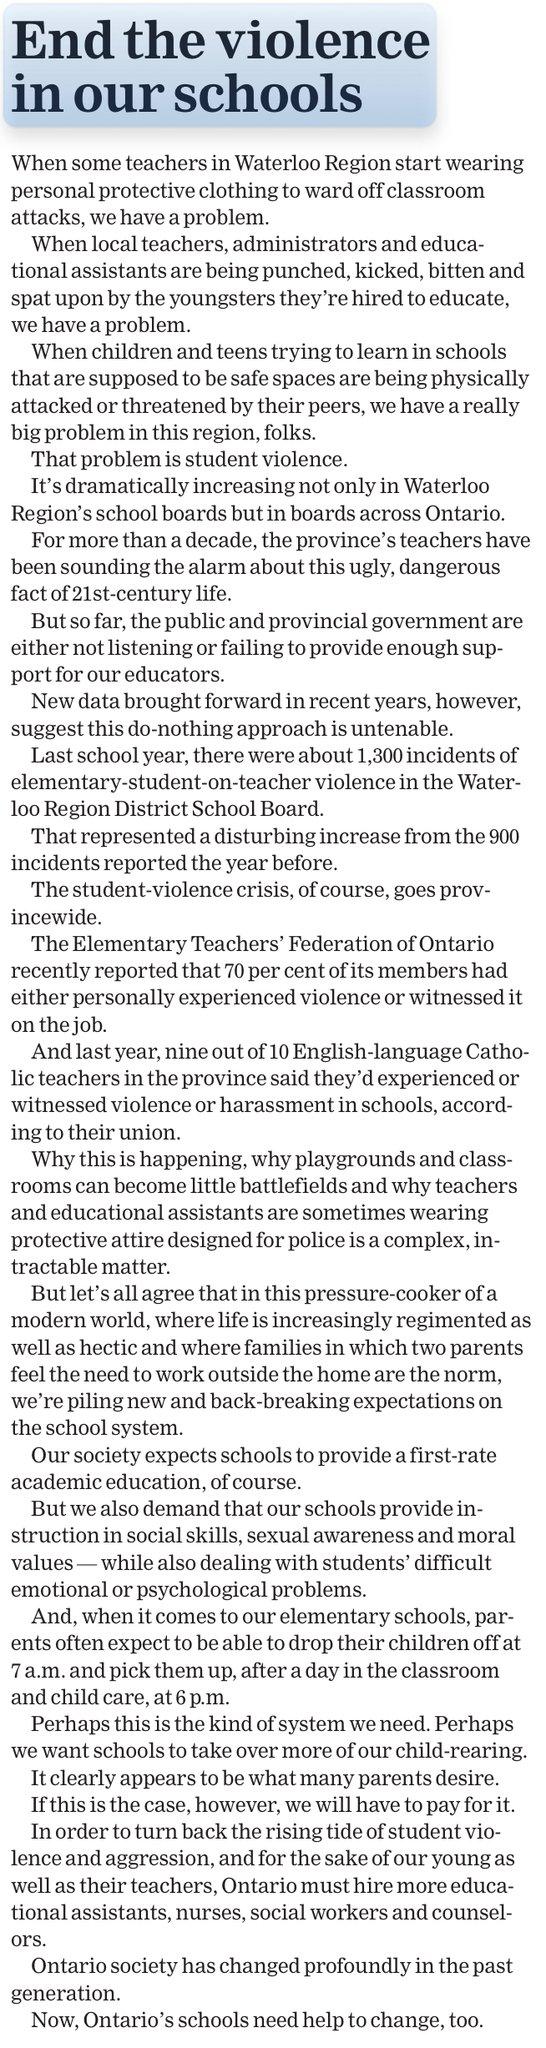 ETFO Waterloo in the News - Violence in Schools - ETFO Waterloo Region